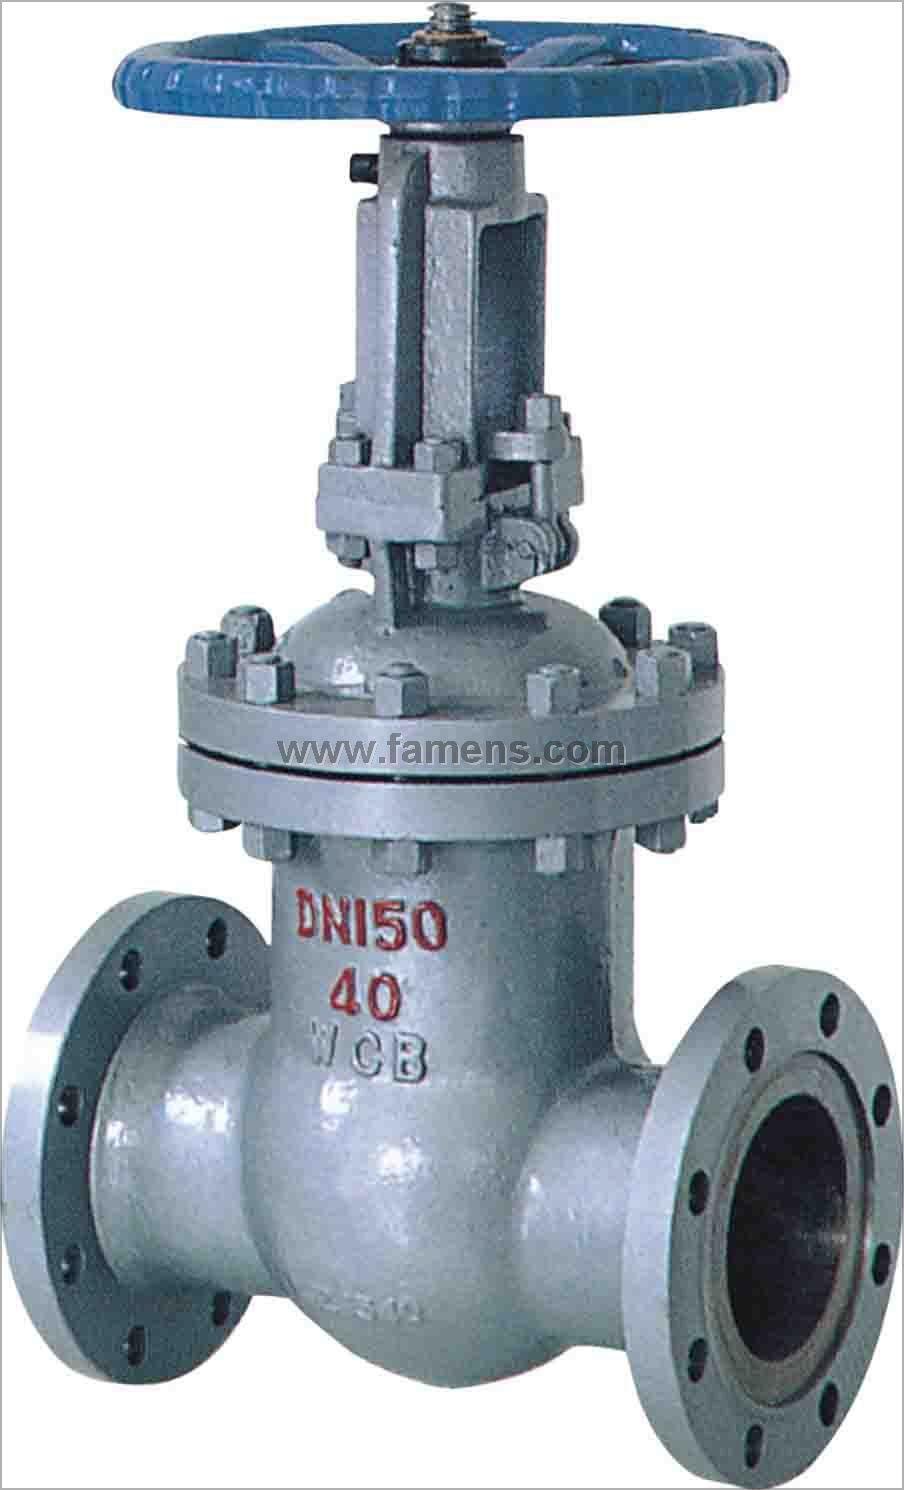 口径dn20-200mm,铸铁,铸钢及不锈钢材质图片